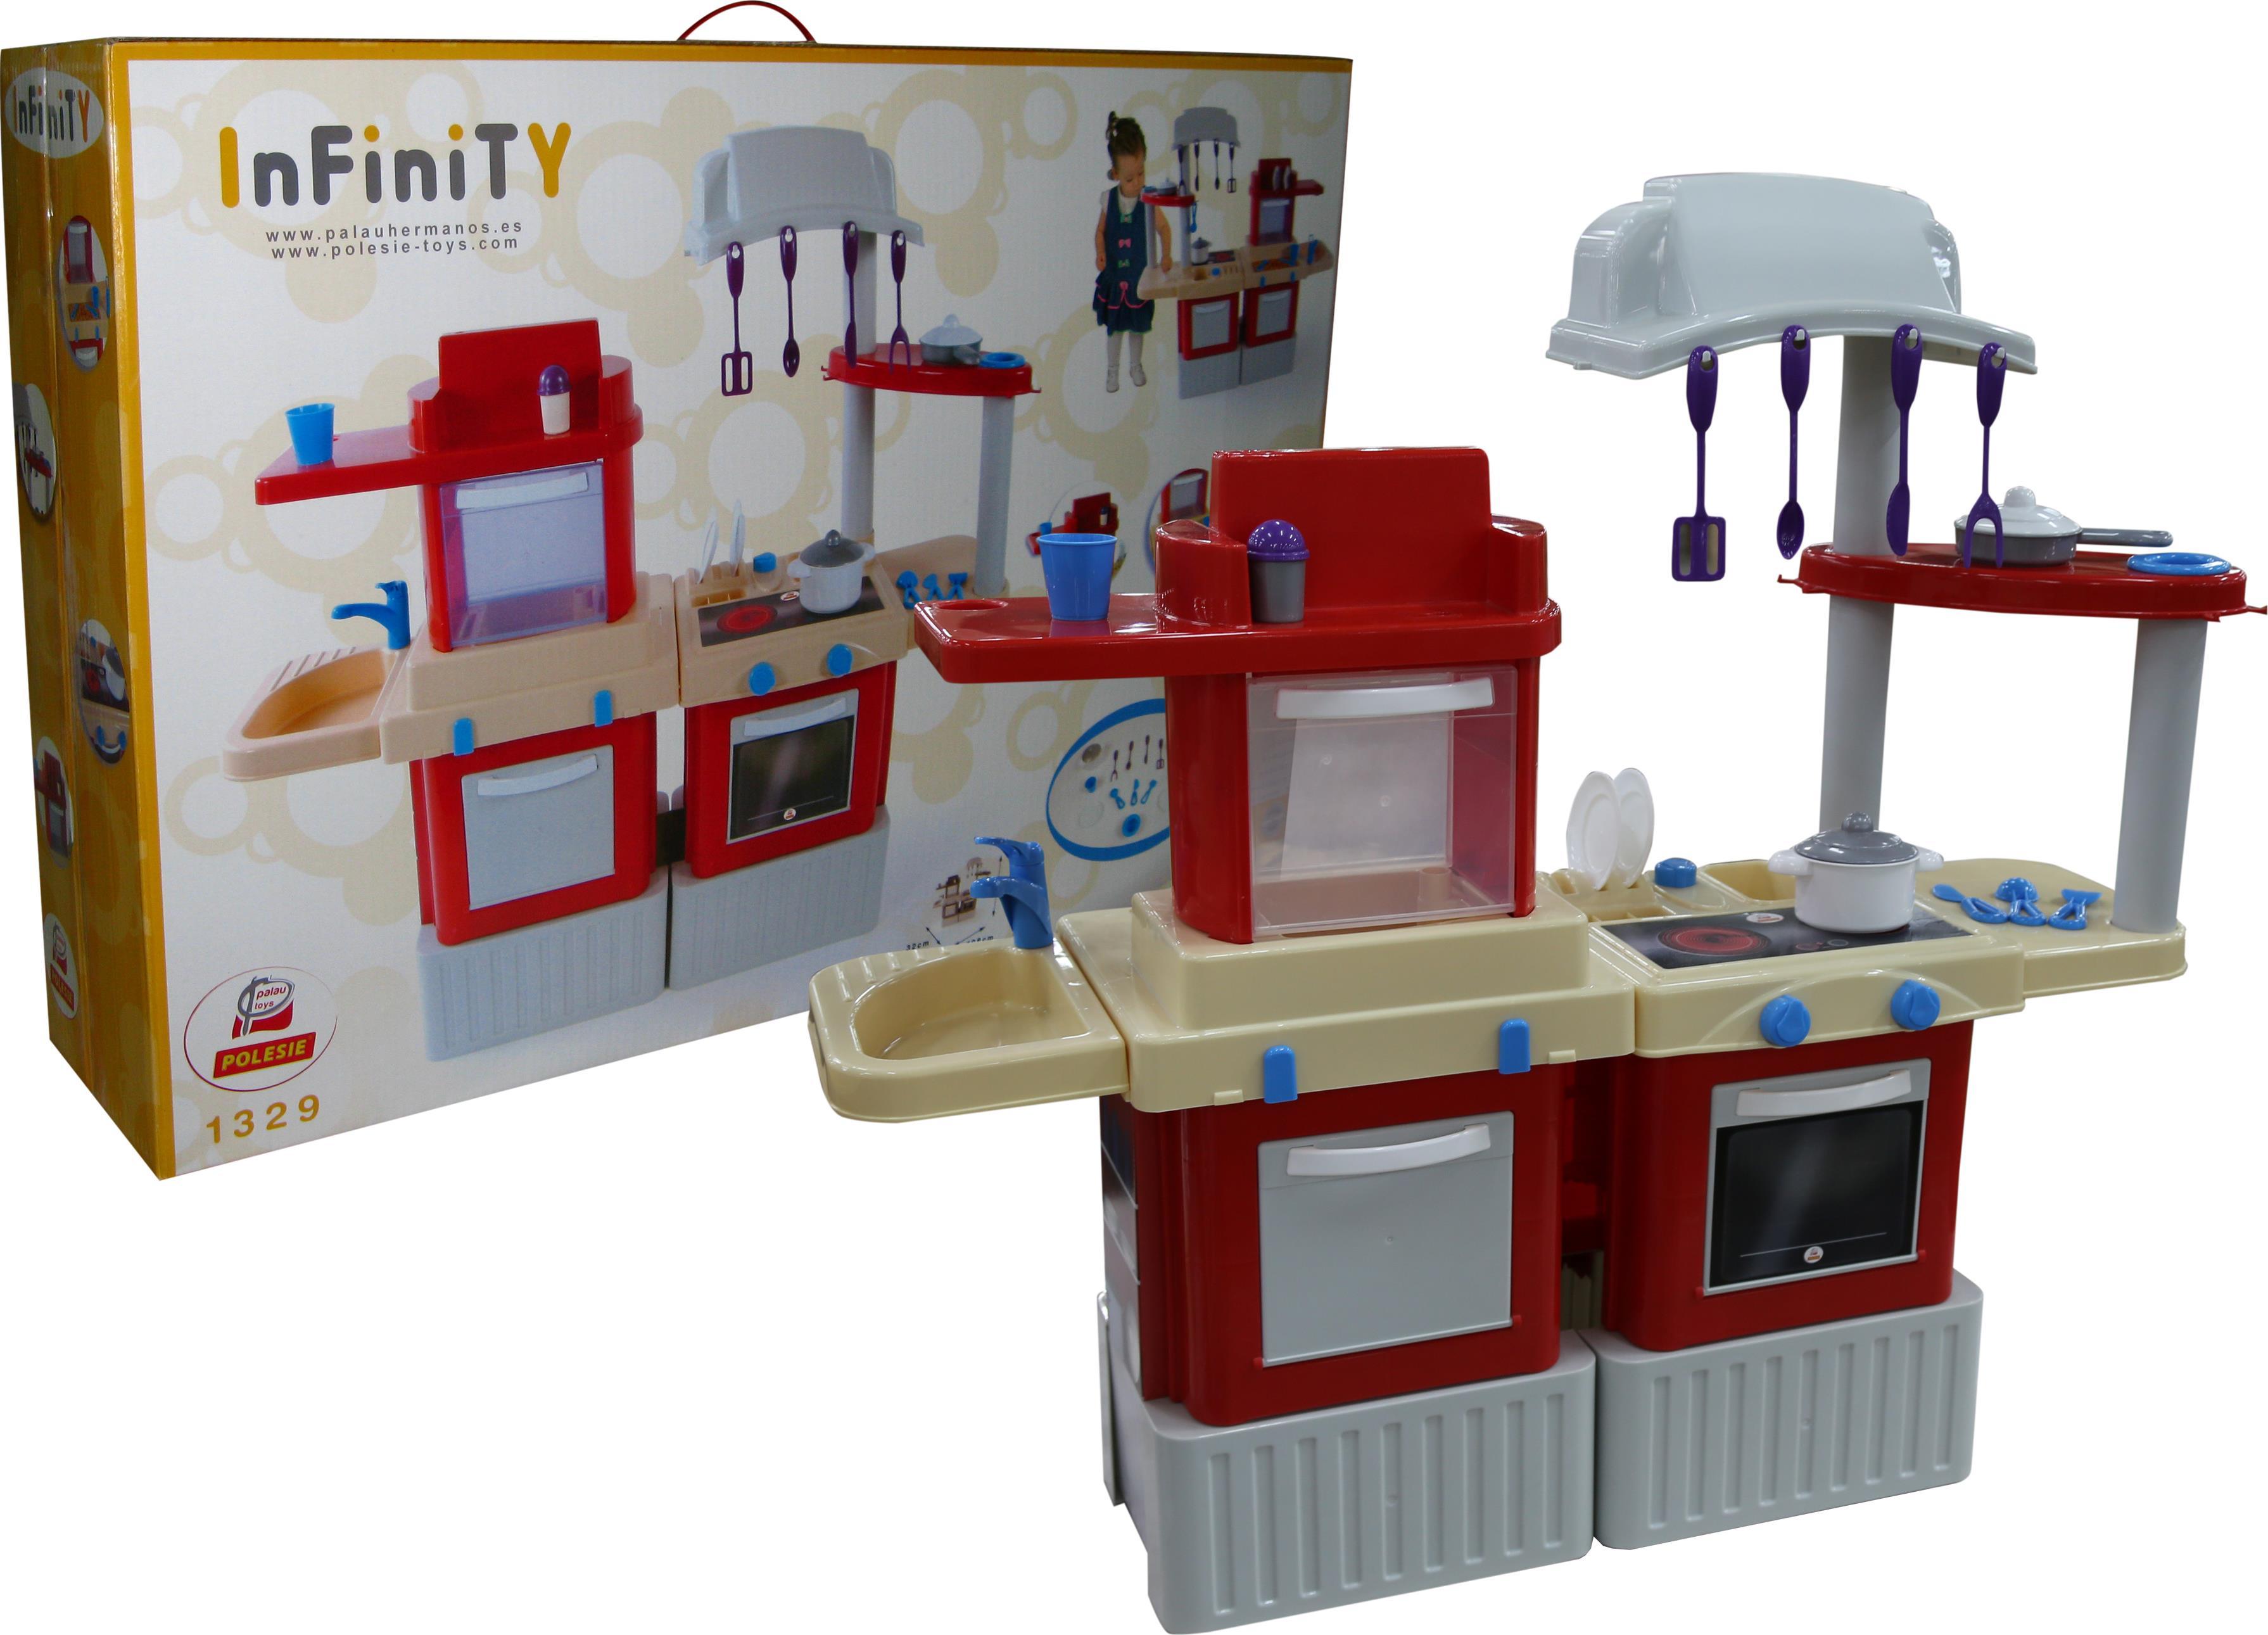 Набор Infinity basic №5 в коробкеДетские игровые кухни<br>Набор Infinity basic №5 в коробке<br>